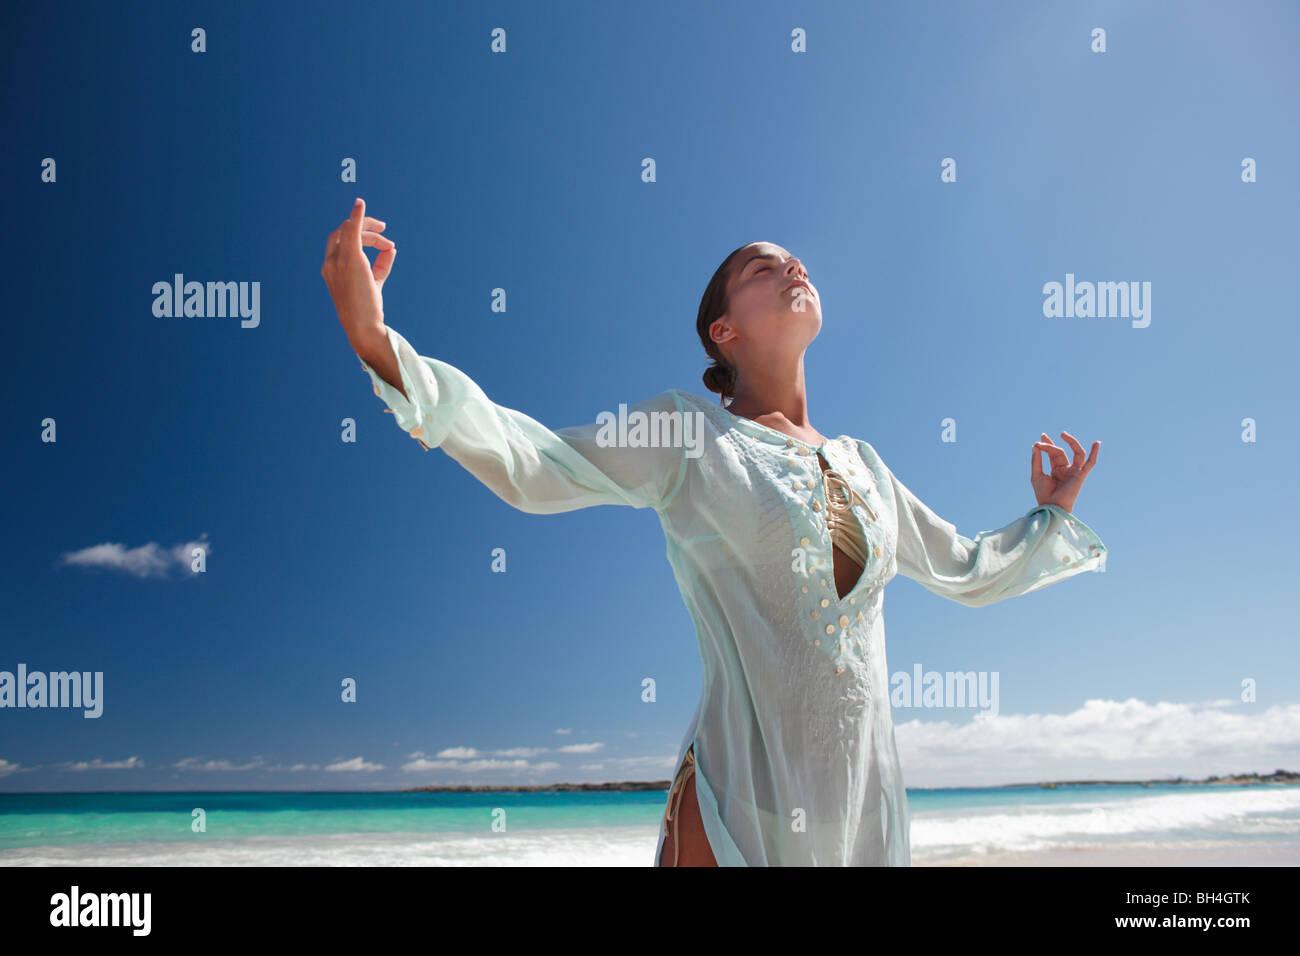 Une jeune femme pratiquant le Tai Chi sur une plage tropicale déserte Photo Stock